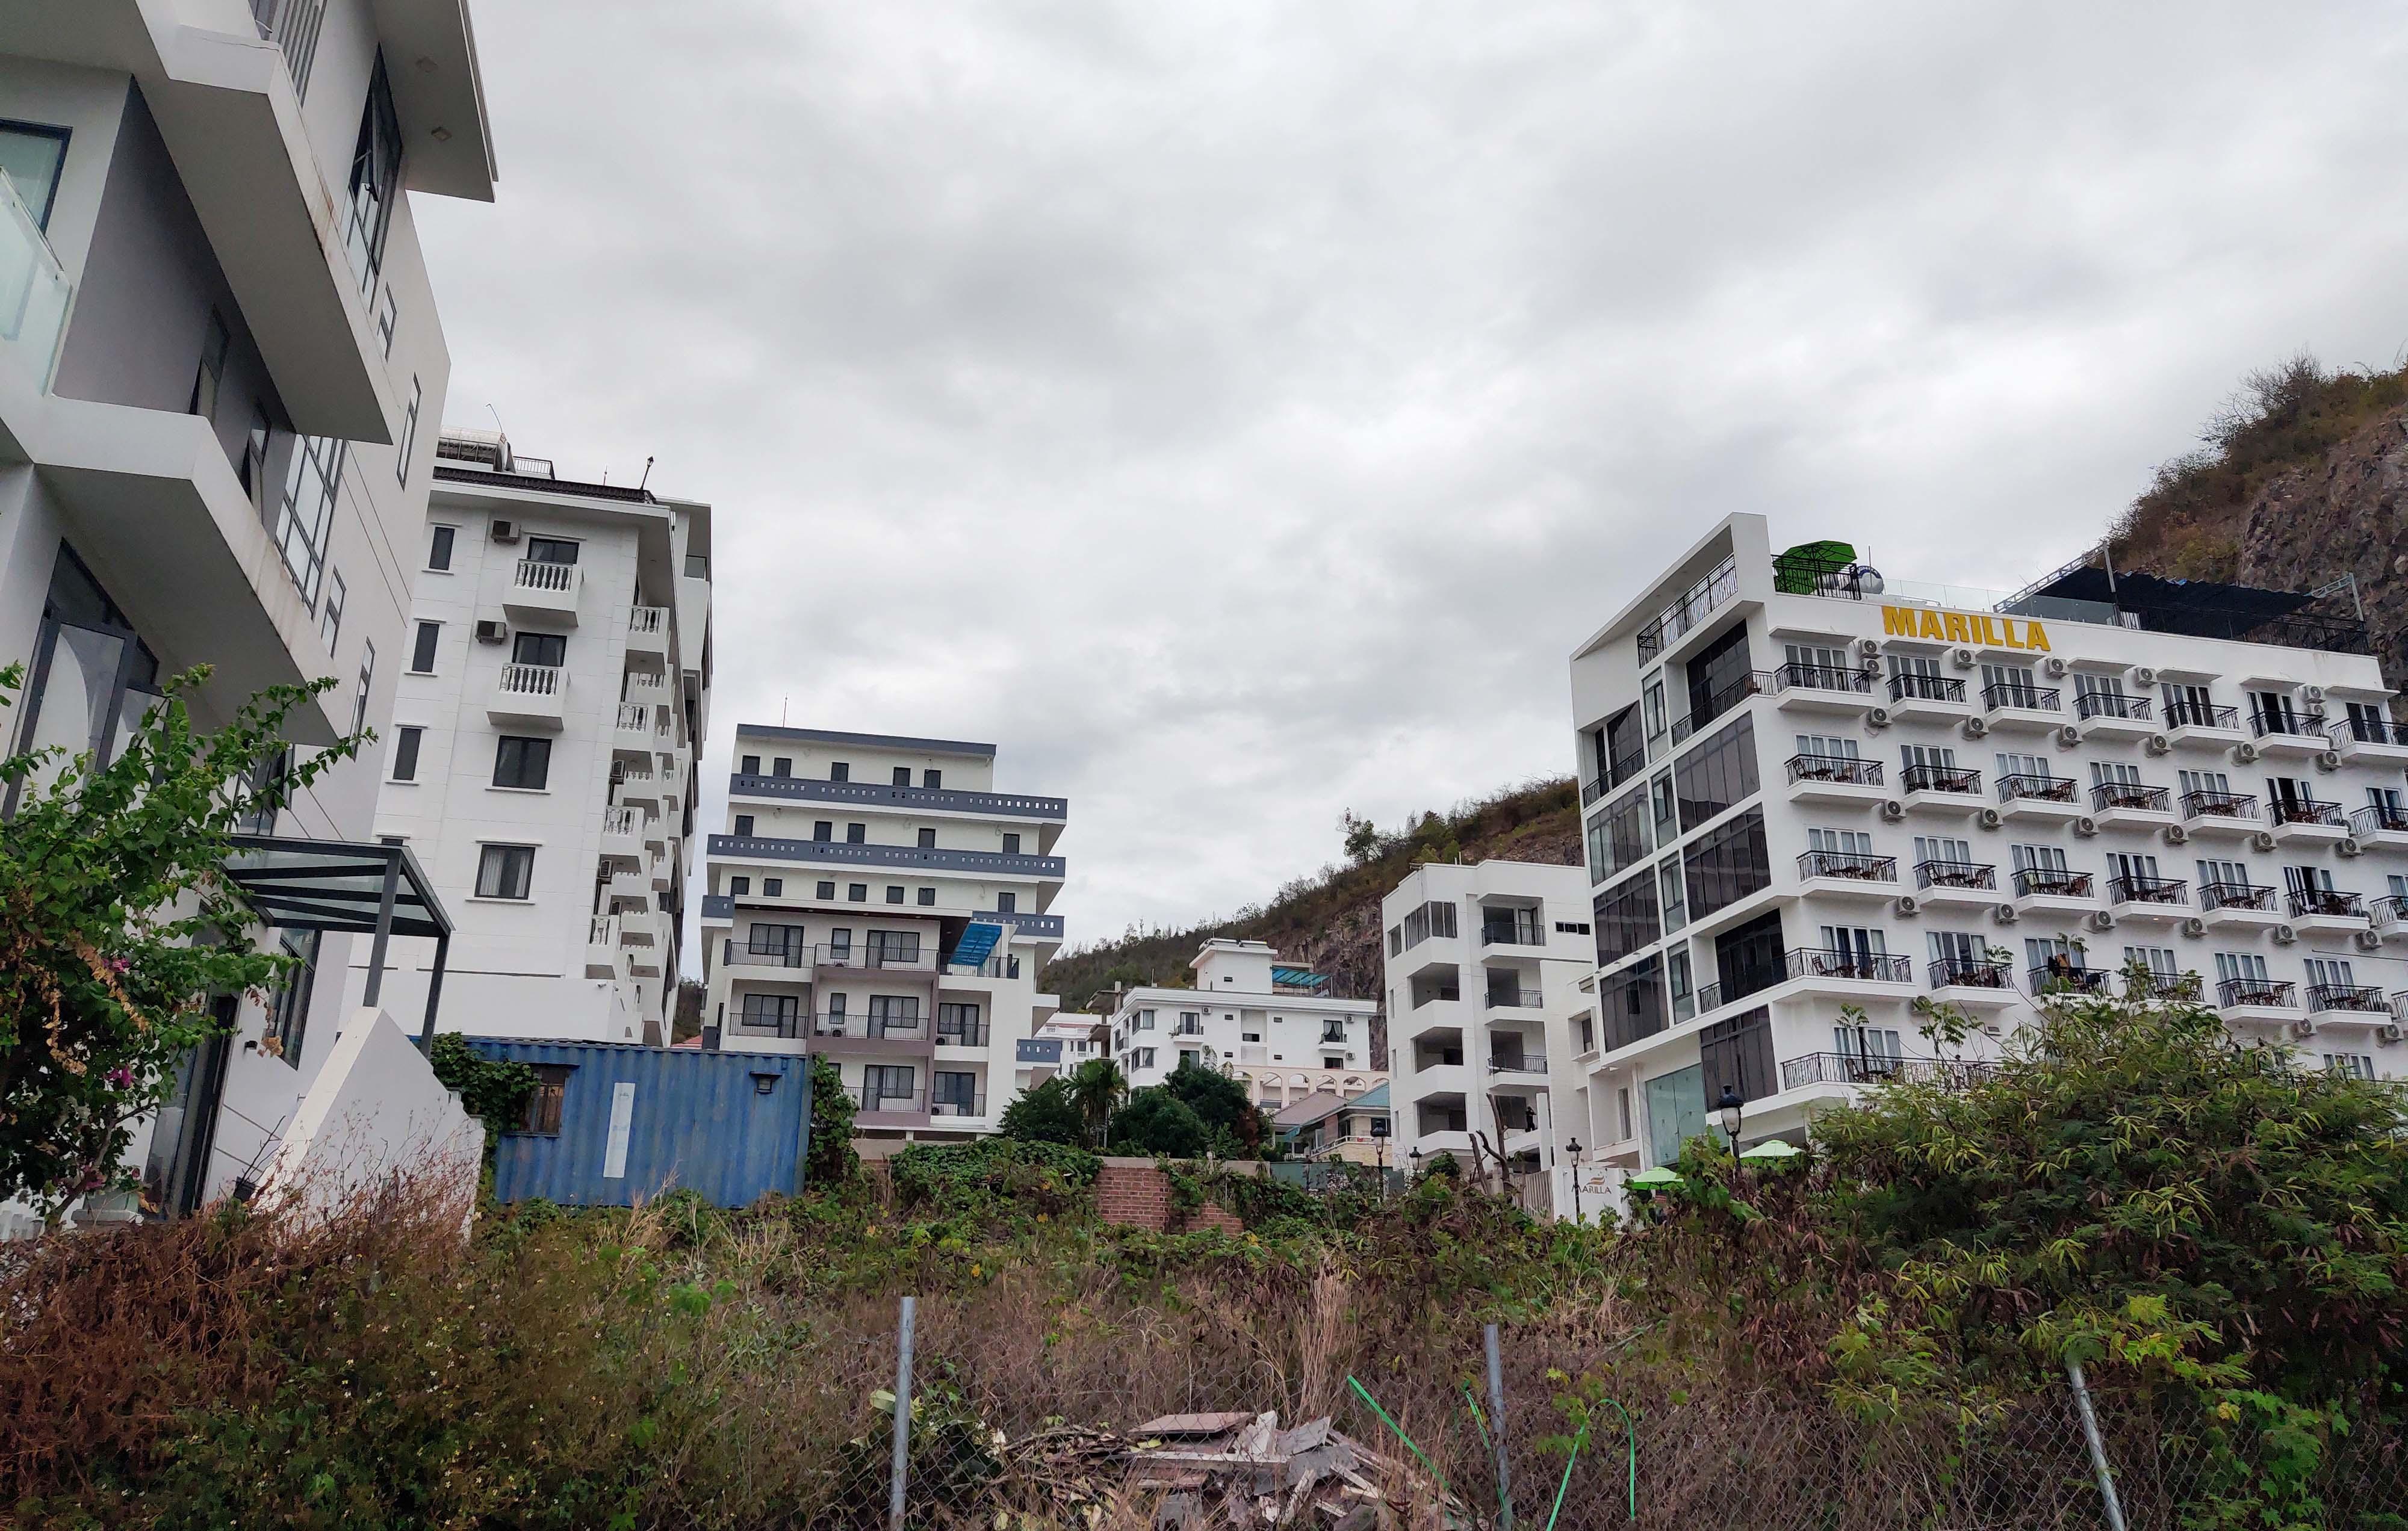 Cận cảnh dự án Ocean View ung dung hoàn thành các căn biệt thự bất chấp lệnh cưỡng chế  - Ảnh 1.